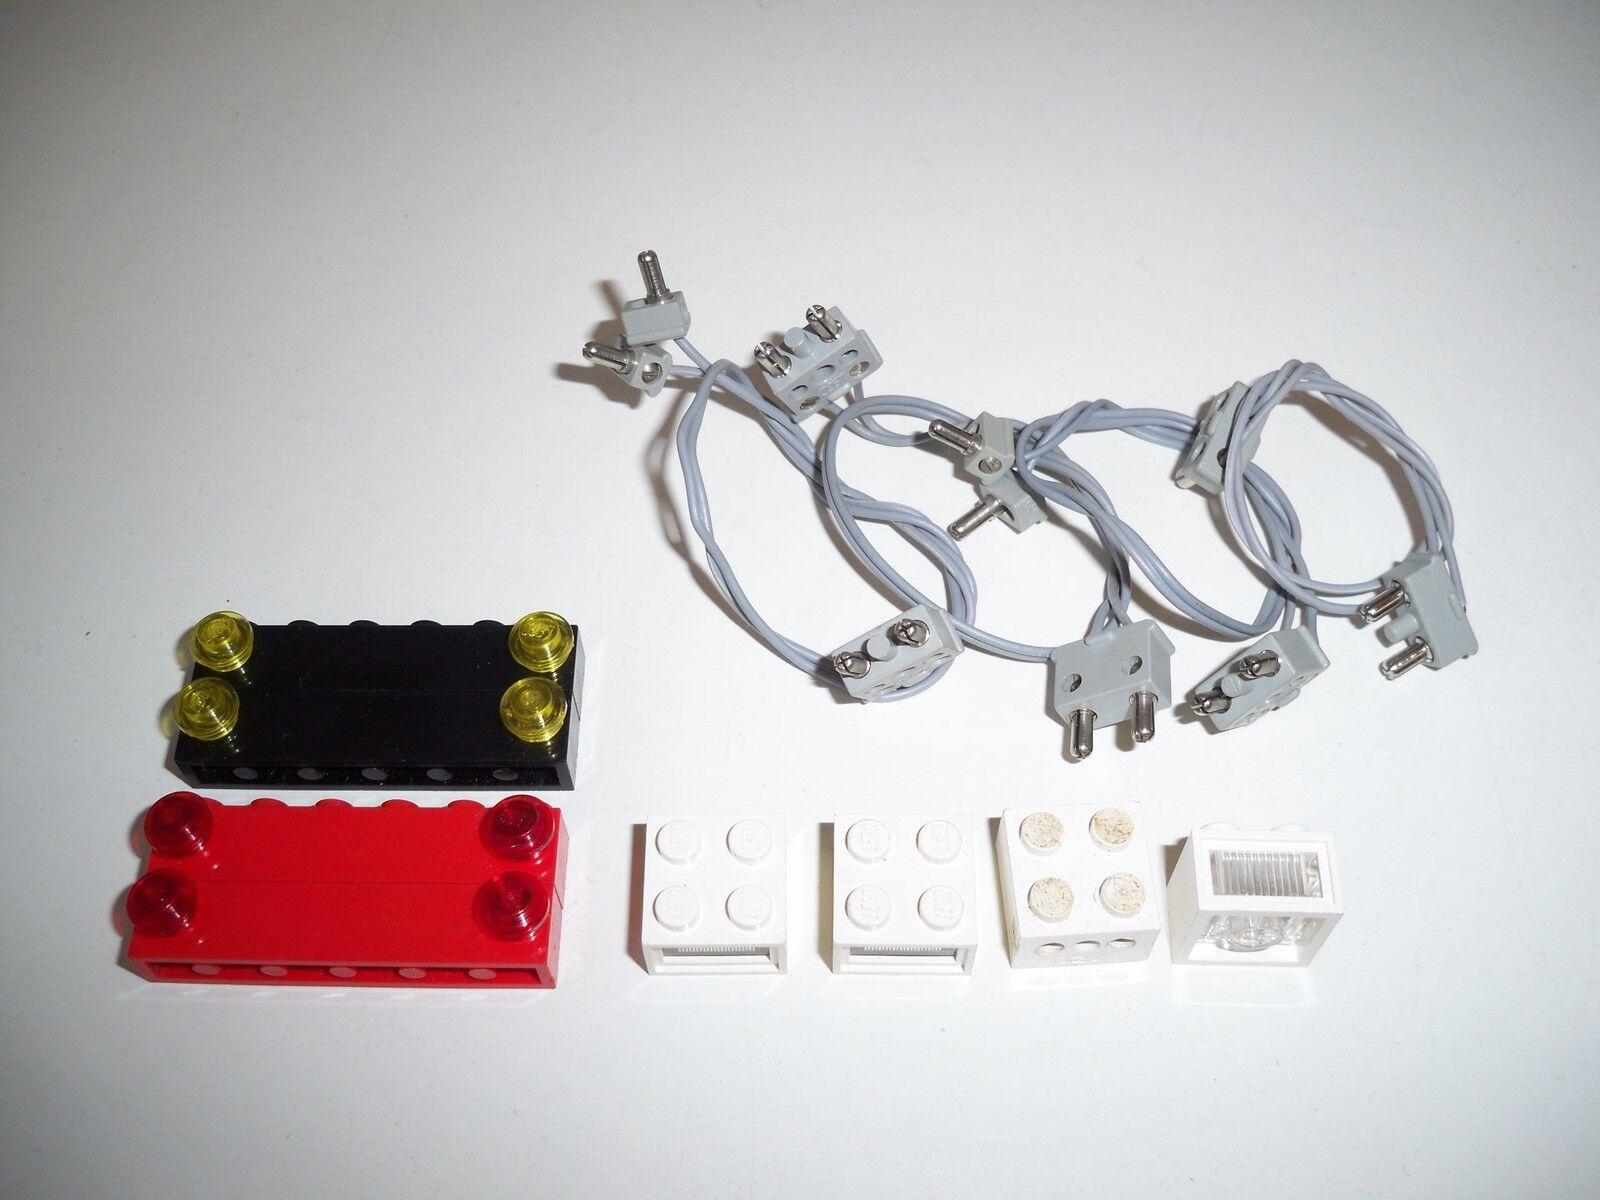 Lego chemin de fer, 7861, 7861, 7861, 12 volts, Beleuchtungsset 9b5a0d